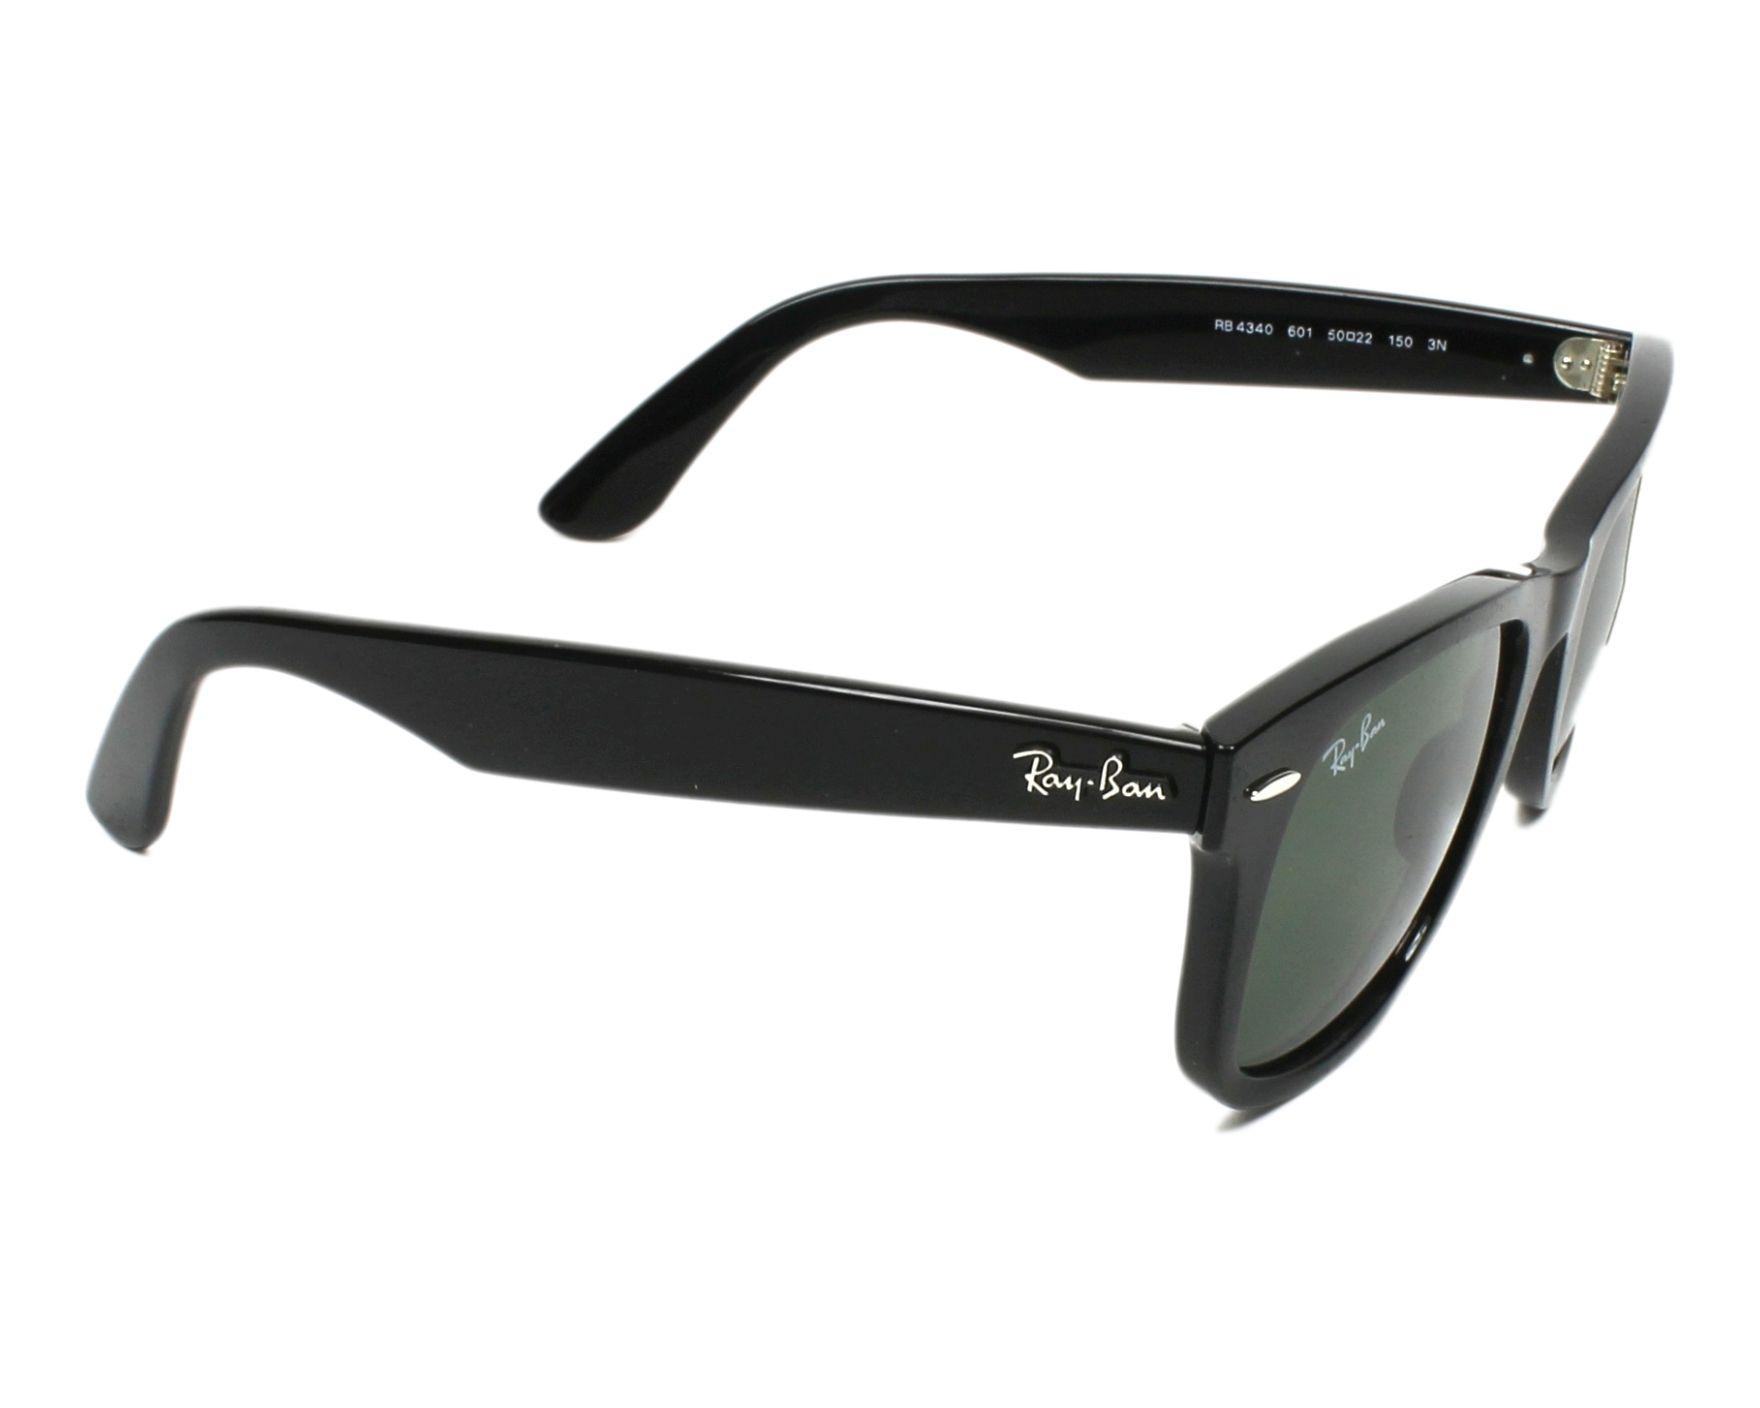 lunettes de soleil ray ban rb 4340 601 noir avec des verres gris vert pour hommes taille 50. Black Bedroom Furniture Sets. Home Design Ideas